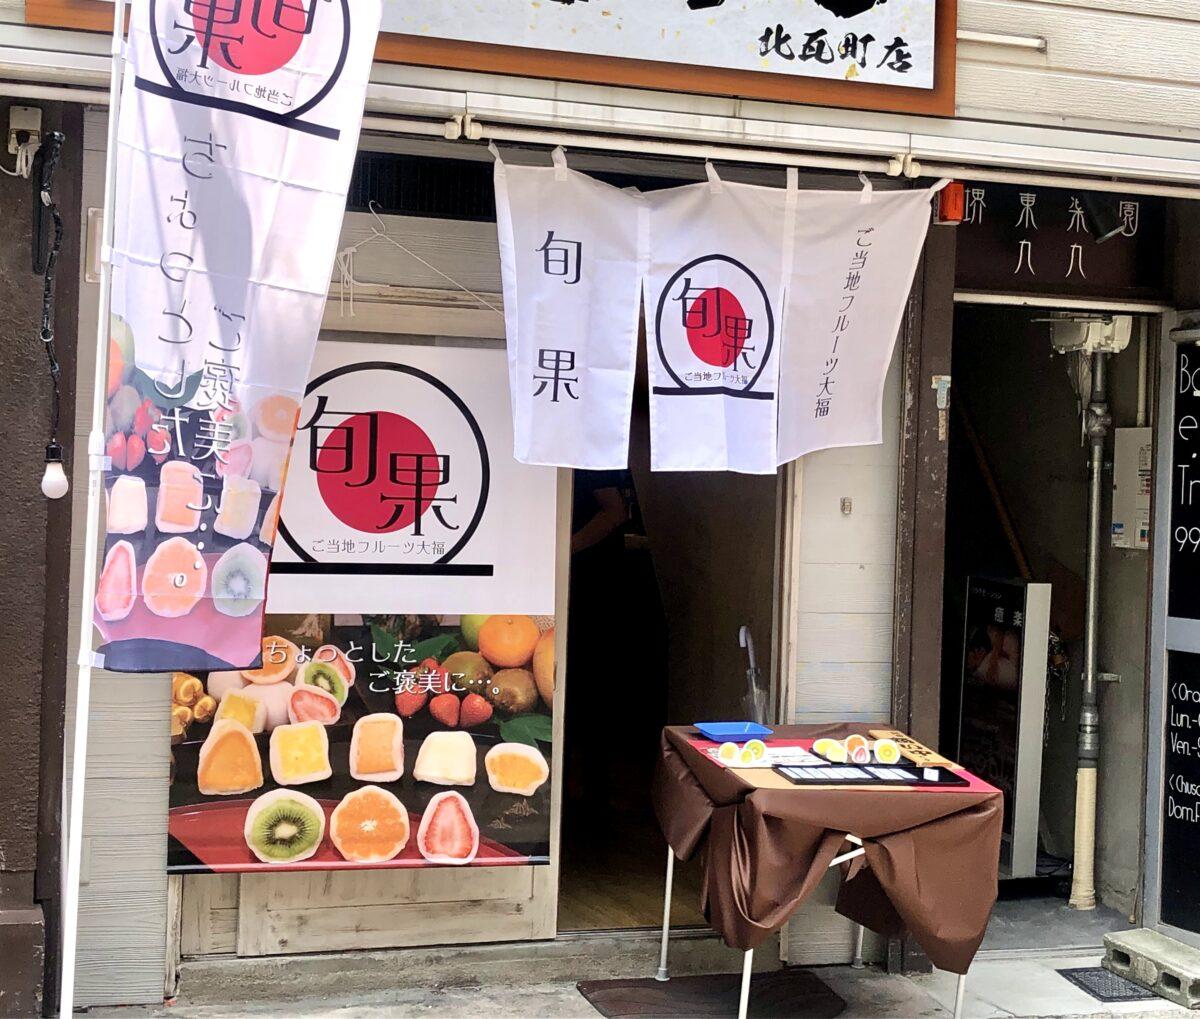 【祝オープン】堺市堺区堺東・早くも大人気♡カウンター焼肉『ハラミとタン』に『ご当地フルーツ大福 旬果』もオープン!!: